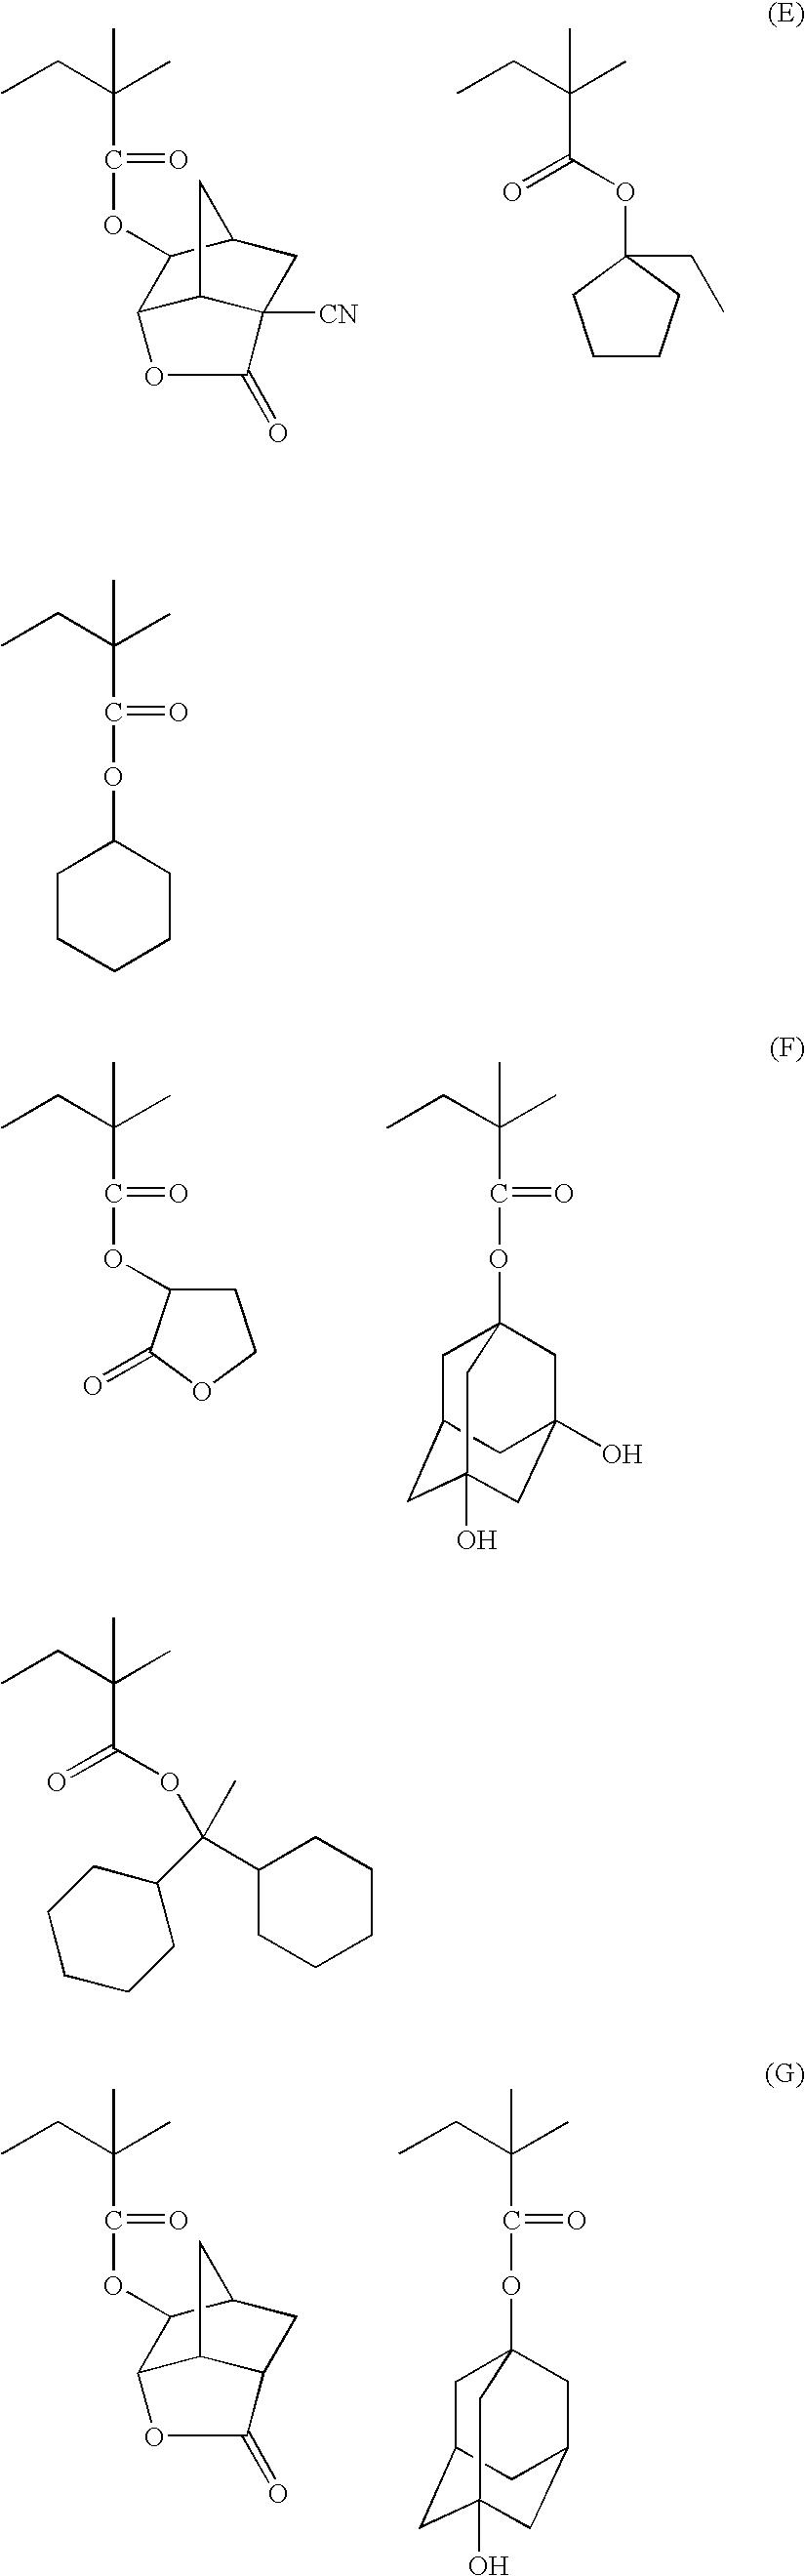 Figure US08530148-20130910-C00093